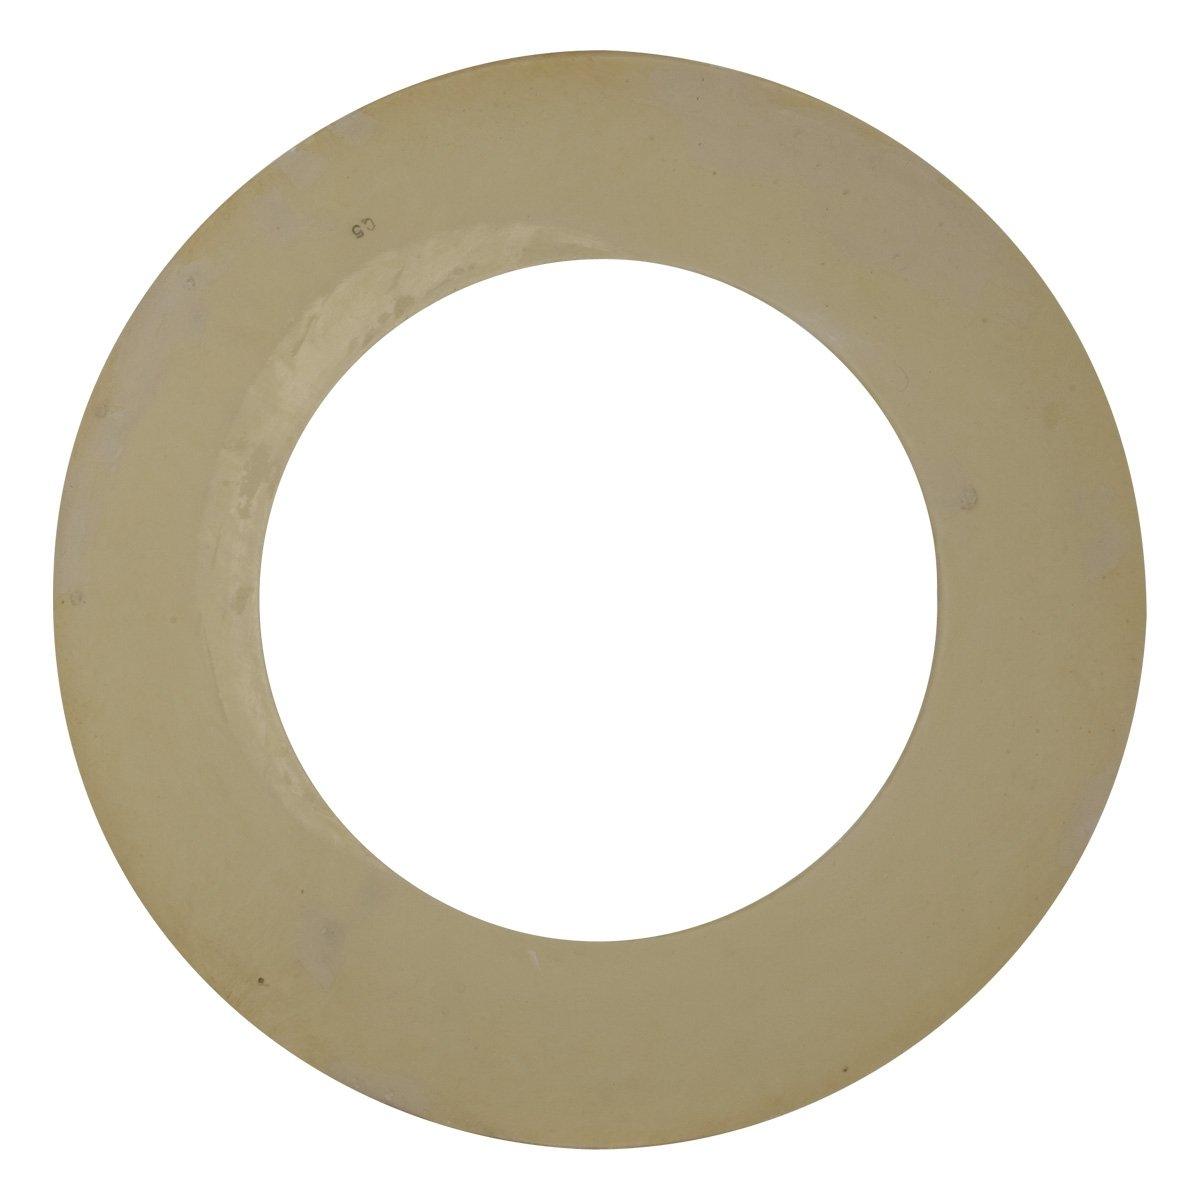 Ekena Millwork CM20HO 20 7/8-Inch OD x 12 7/8-Inch ID x 1-Inch Holmdel Ceiling Medallion by Ekena Millwork (Image #4)